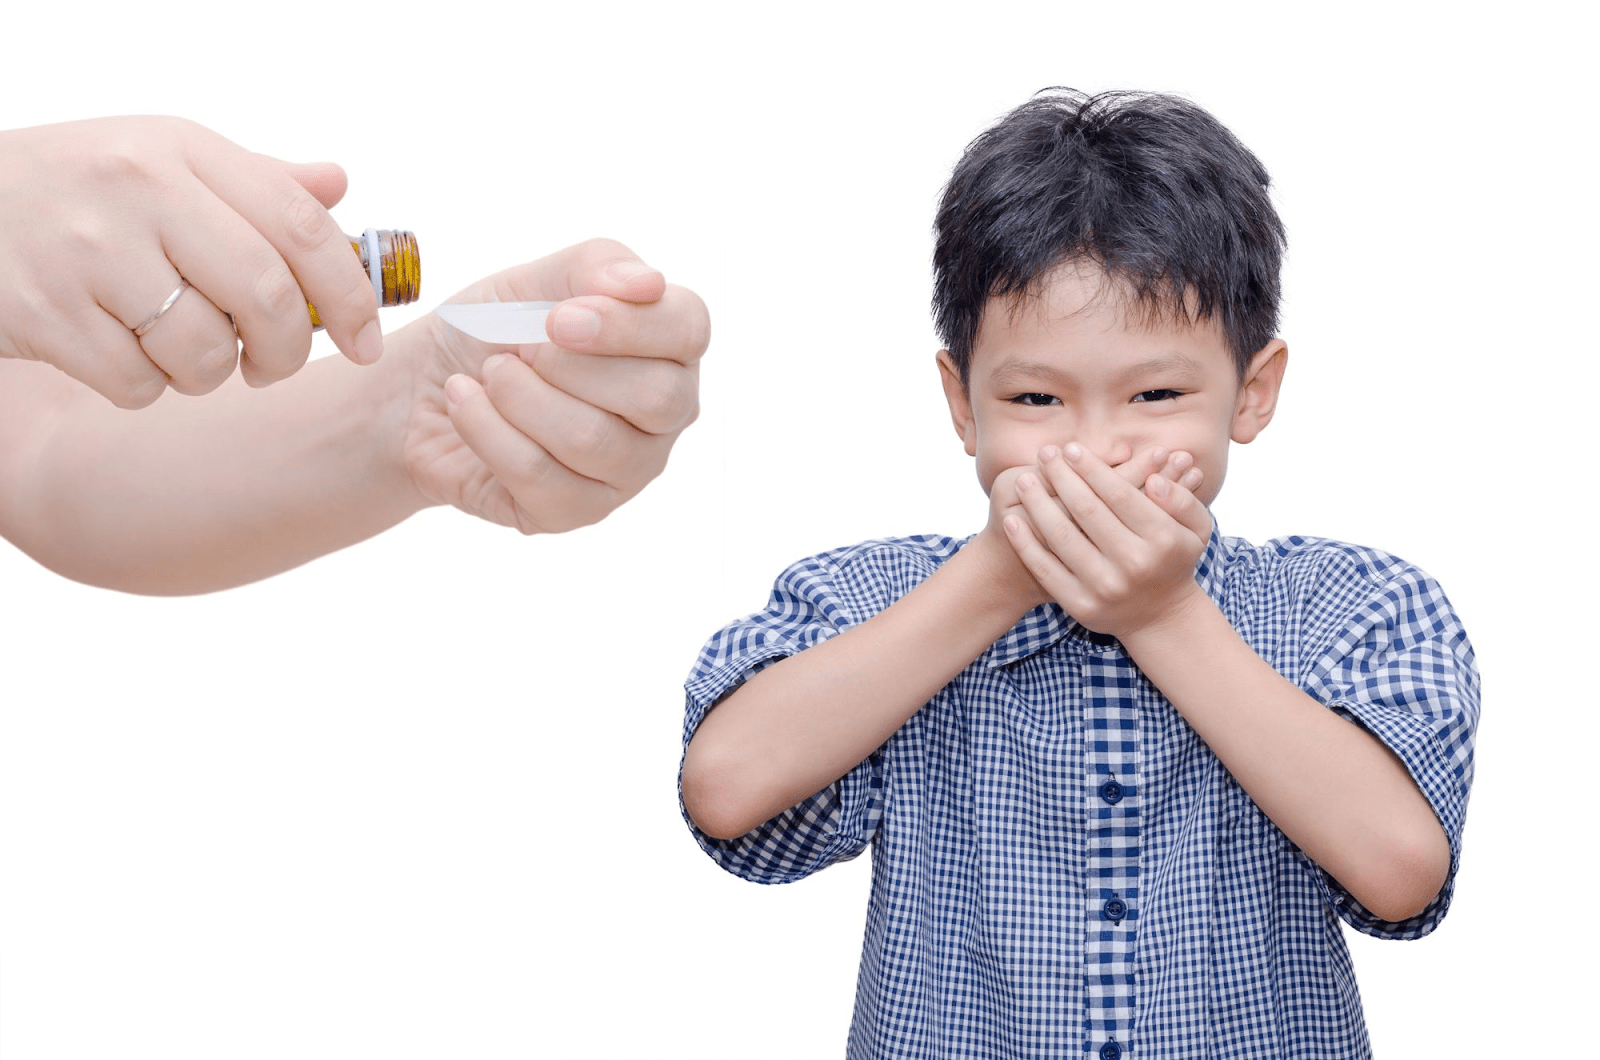 Khi trẻ không thể uống thuốc được, cha mẹ có thể dùng thuốc hạ sốt viên đạn cho trẻ